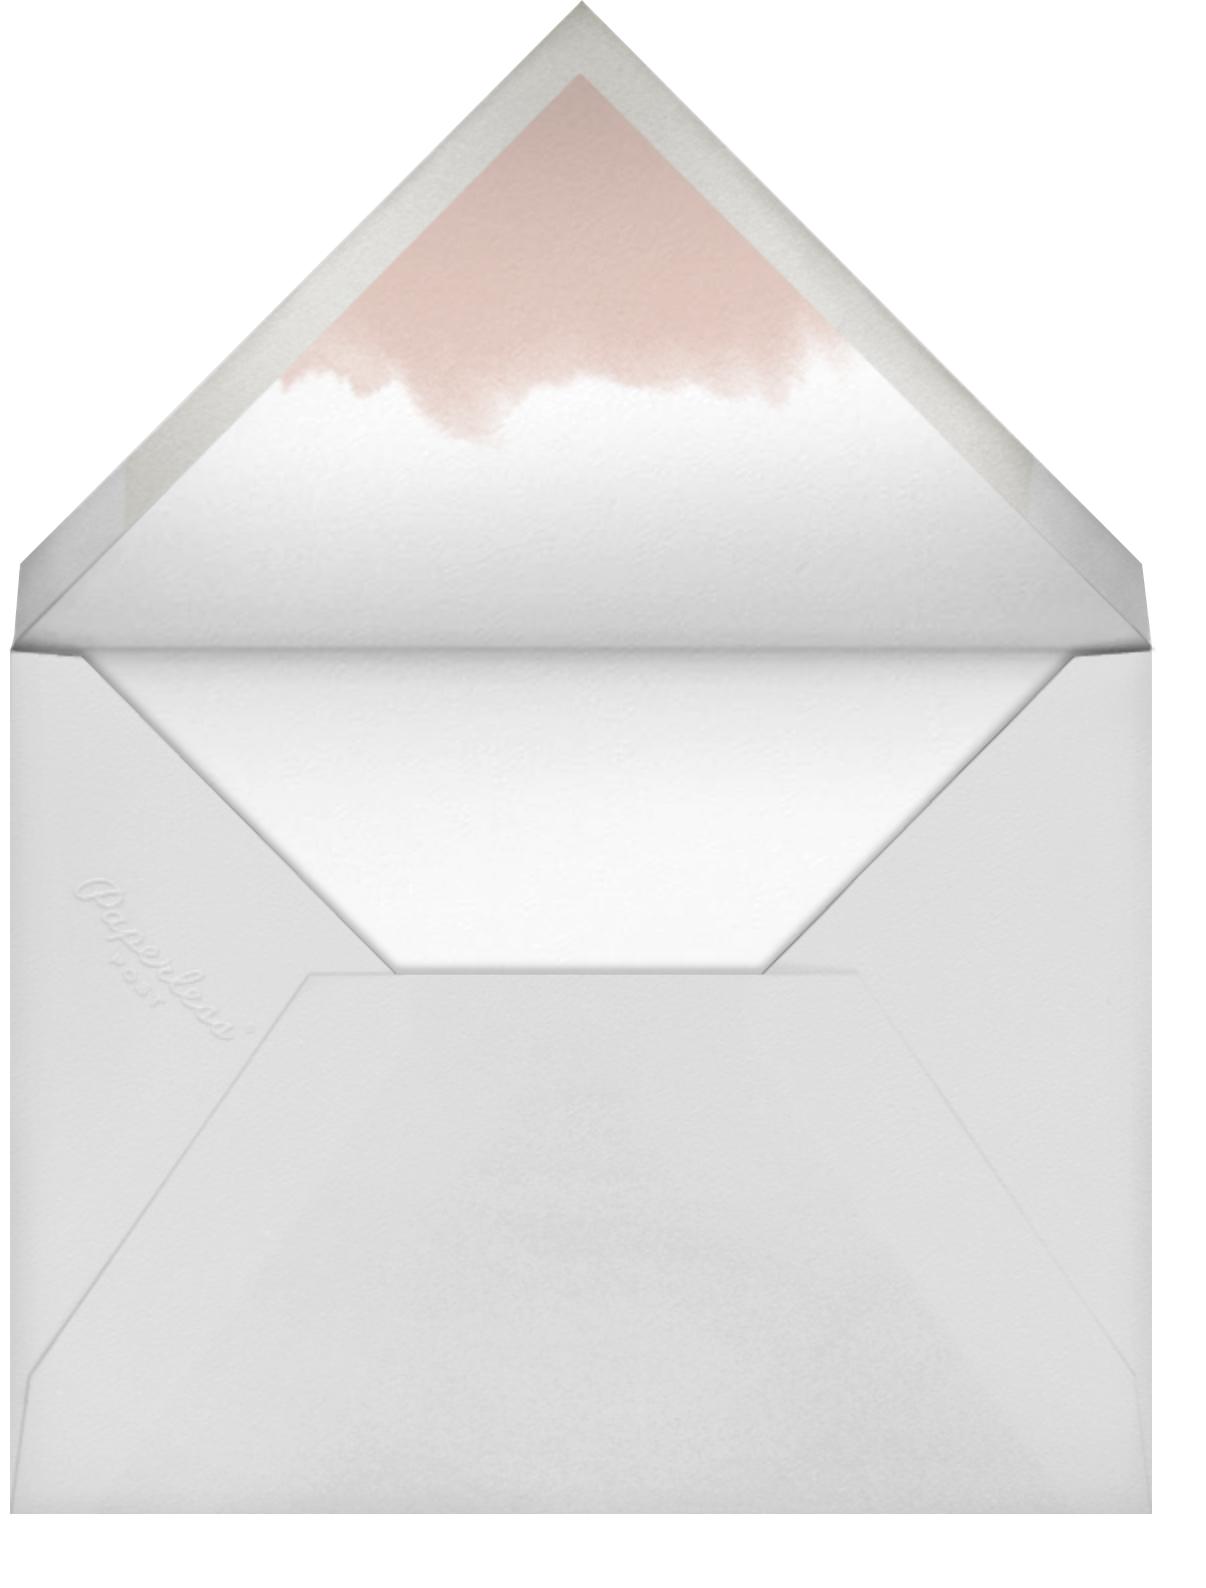 Pilier (Invitation) - Pavlova - Paperless Post - Envelope